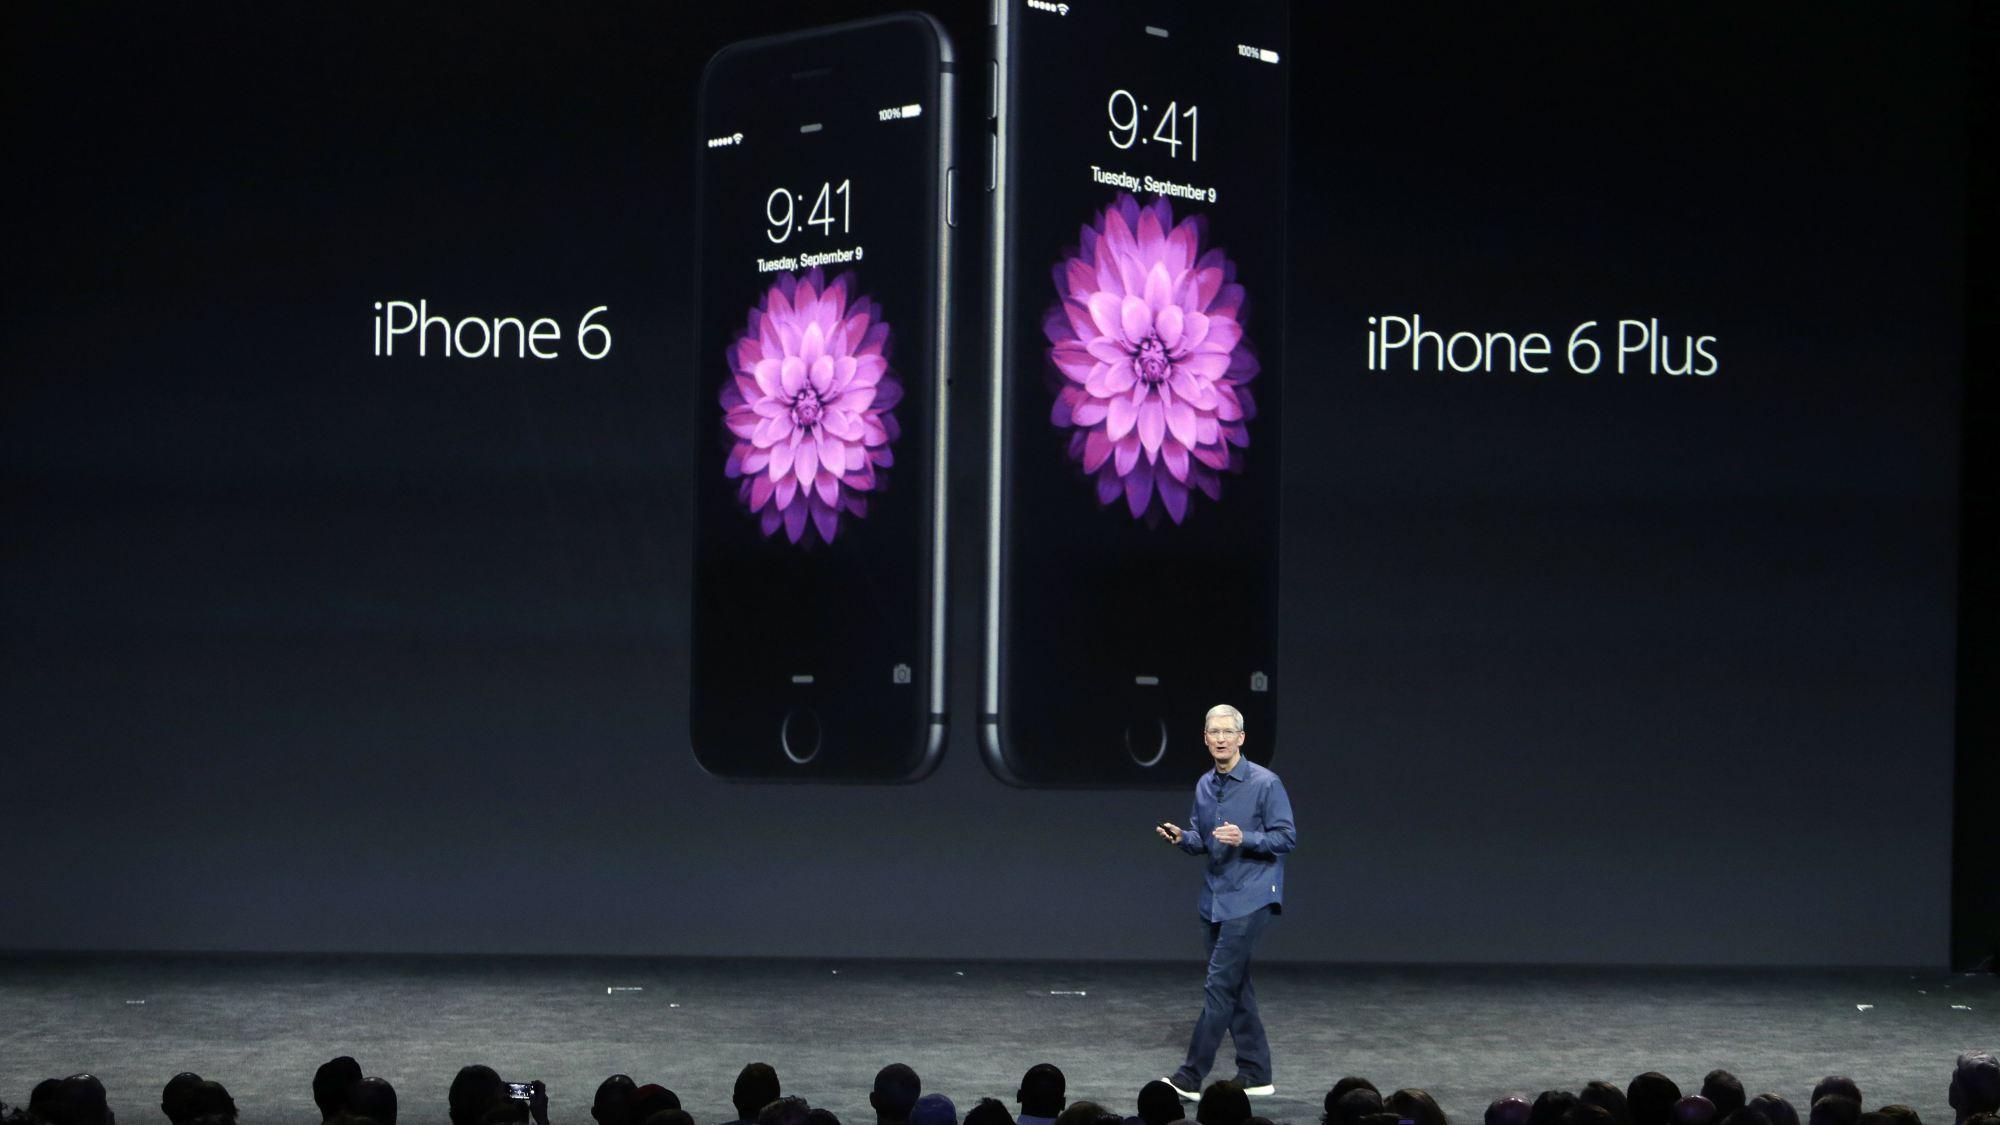 Tudo sobre o iPhone 6 e iPhone 6 Plus - Conheça o iPhone 6 e iPhone 6 Plus (Foto: Divulgação)